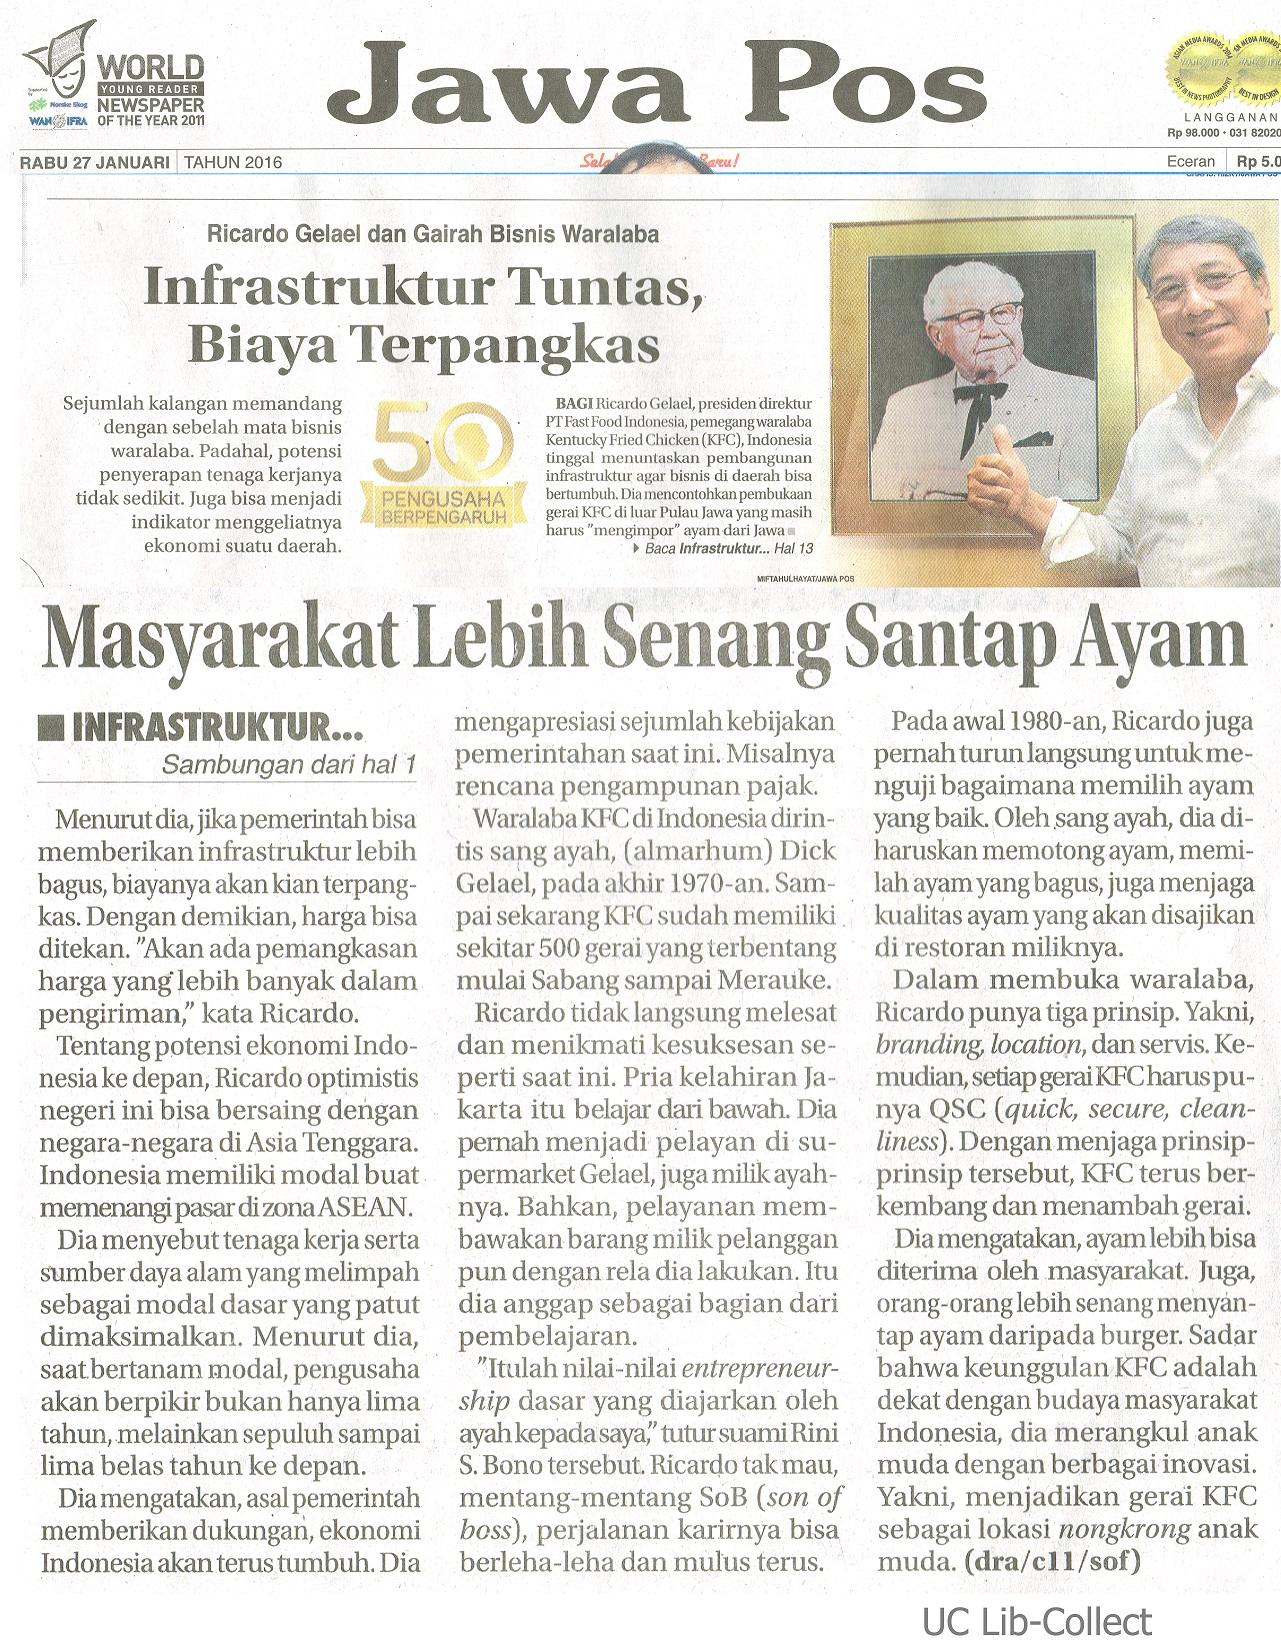 27 Januari 2016. Ricardo Gelael dan Gairah Bisnis Waralaba_Infrastruktur Tuntas, Biaya Terpangkas. Jawa Pos. 27 Januari 2016.Hal. 1,13